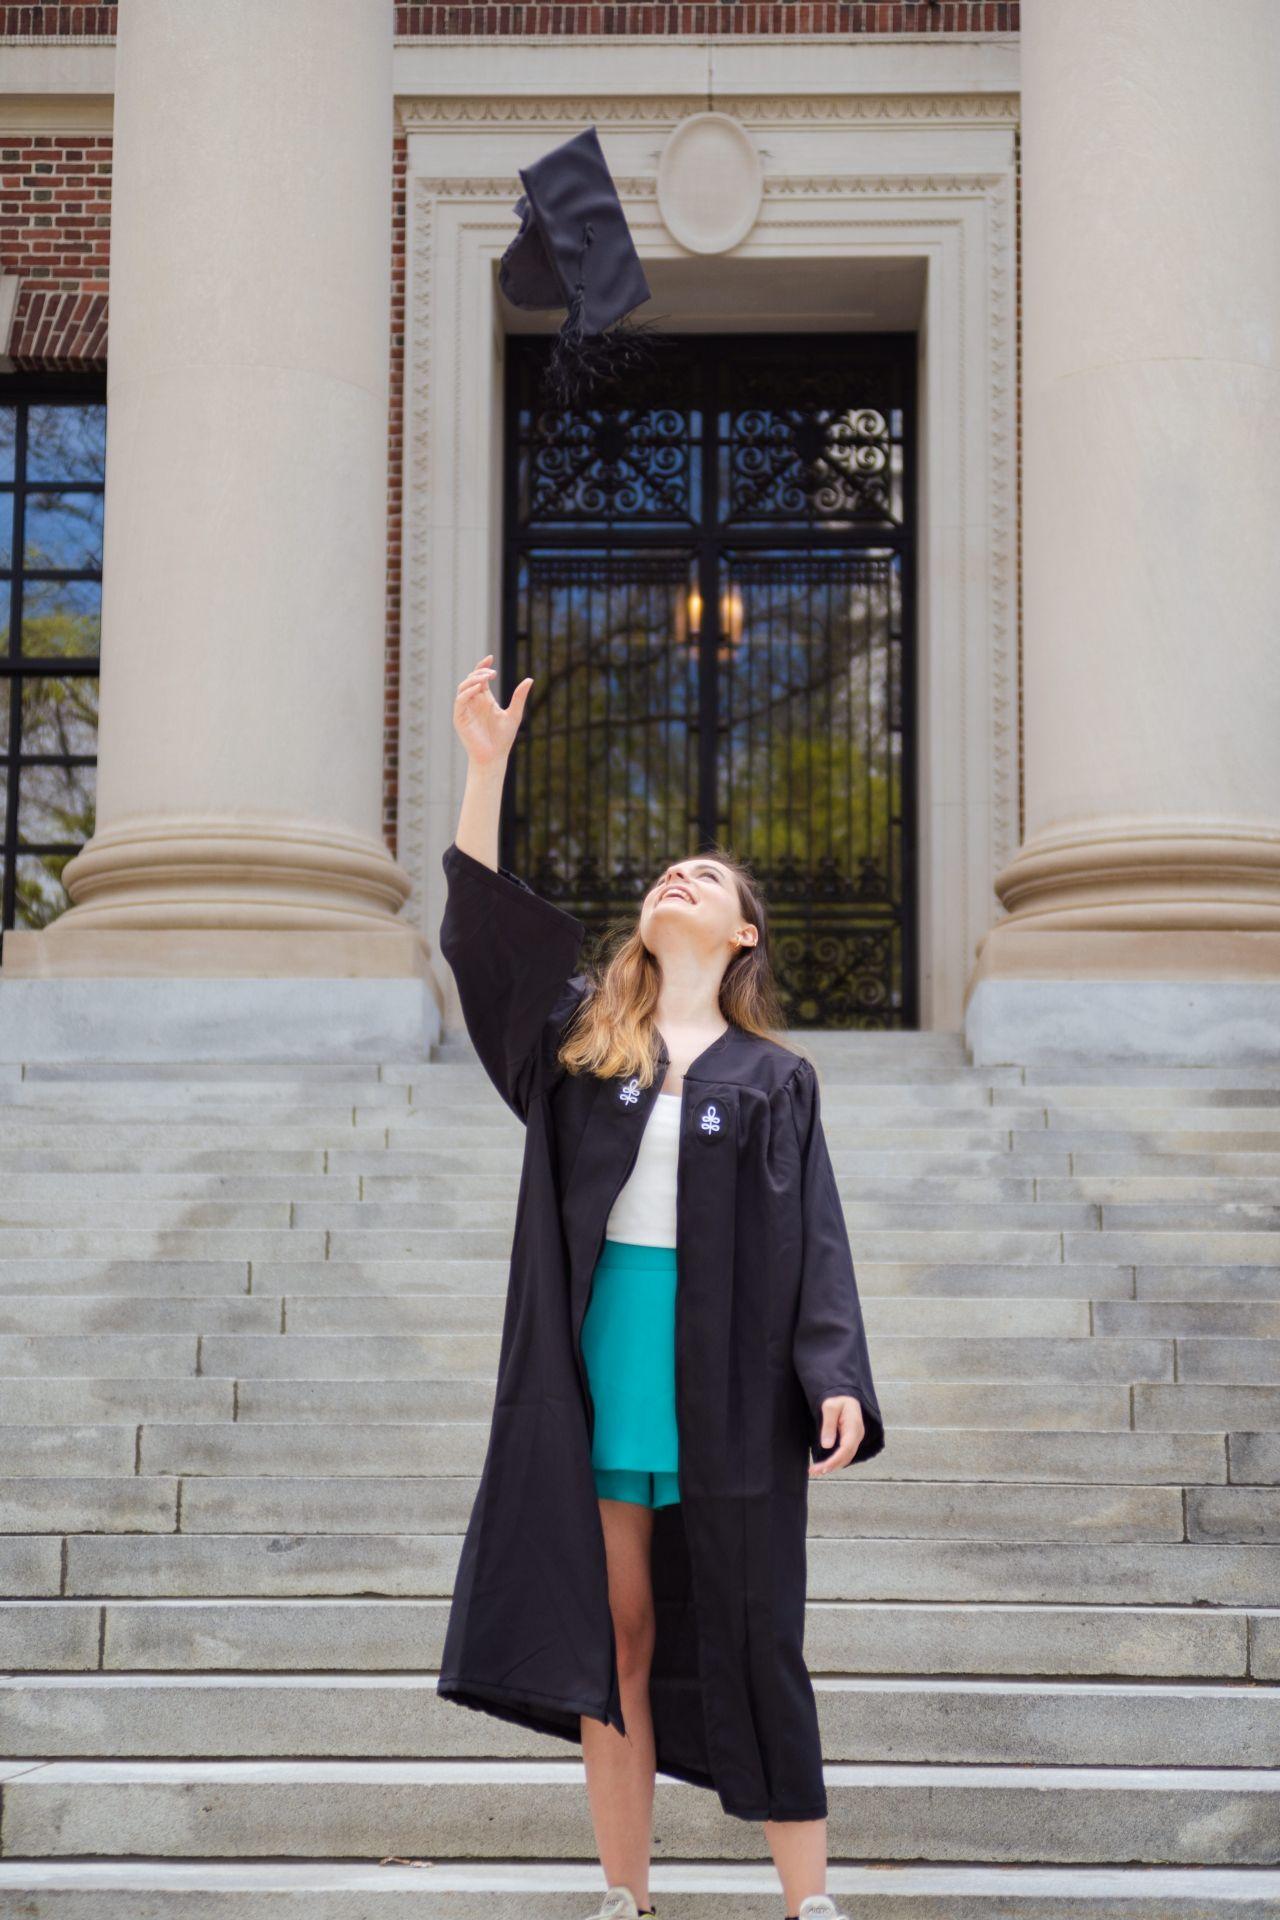 Ece Hakim Harvard'dan yüksek derece ile mezun oldu - Sayfa:3